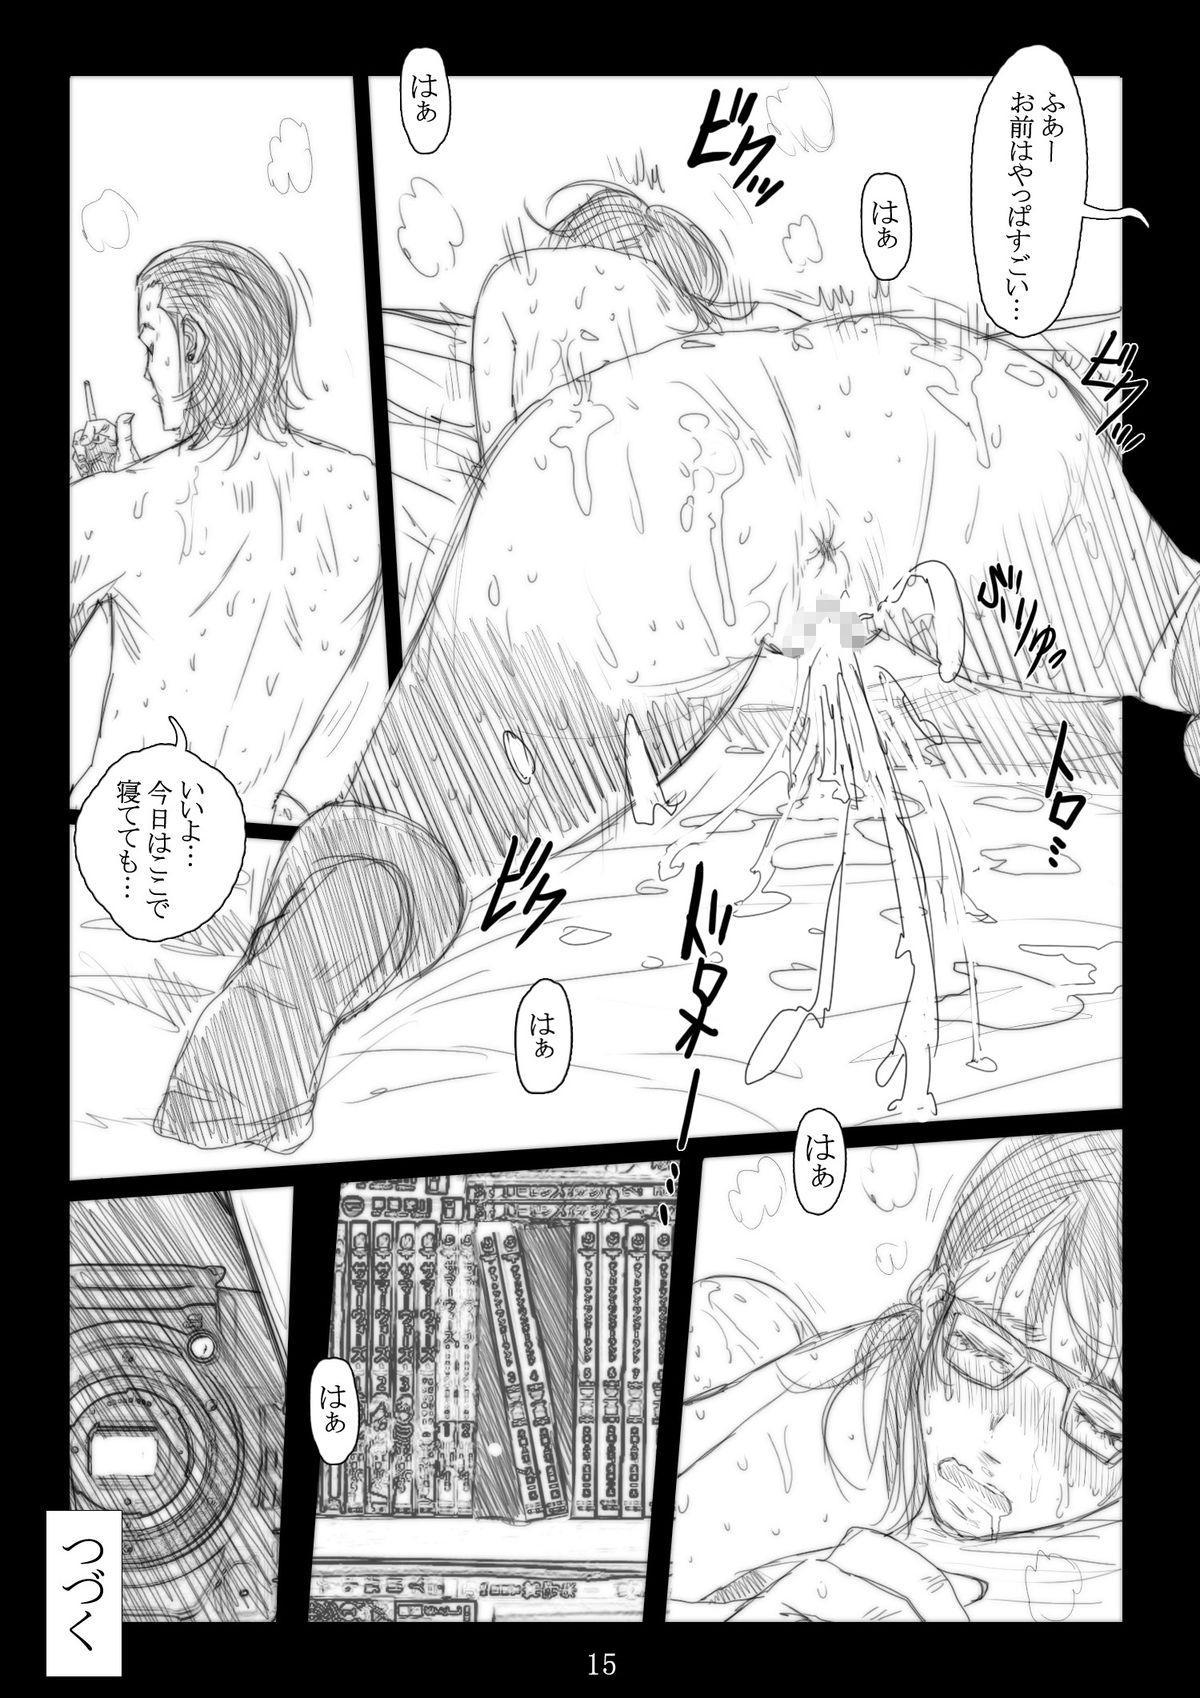 Renraku Tore nakatta 1-kkagetsukan Kanojo ni Nani ga Atta no ka... 2 15